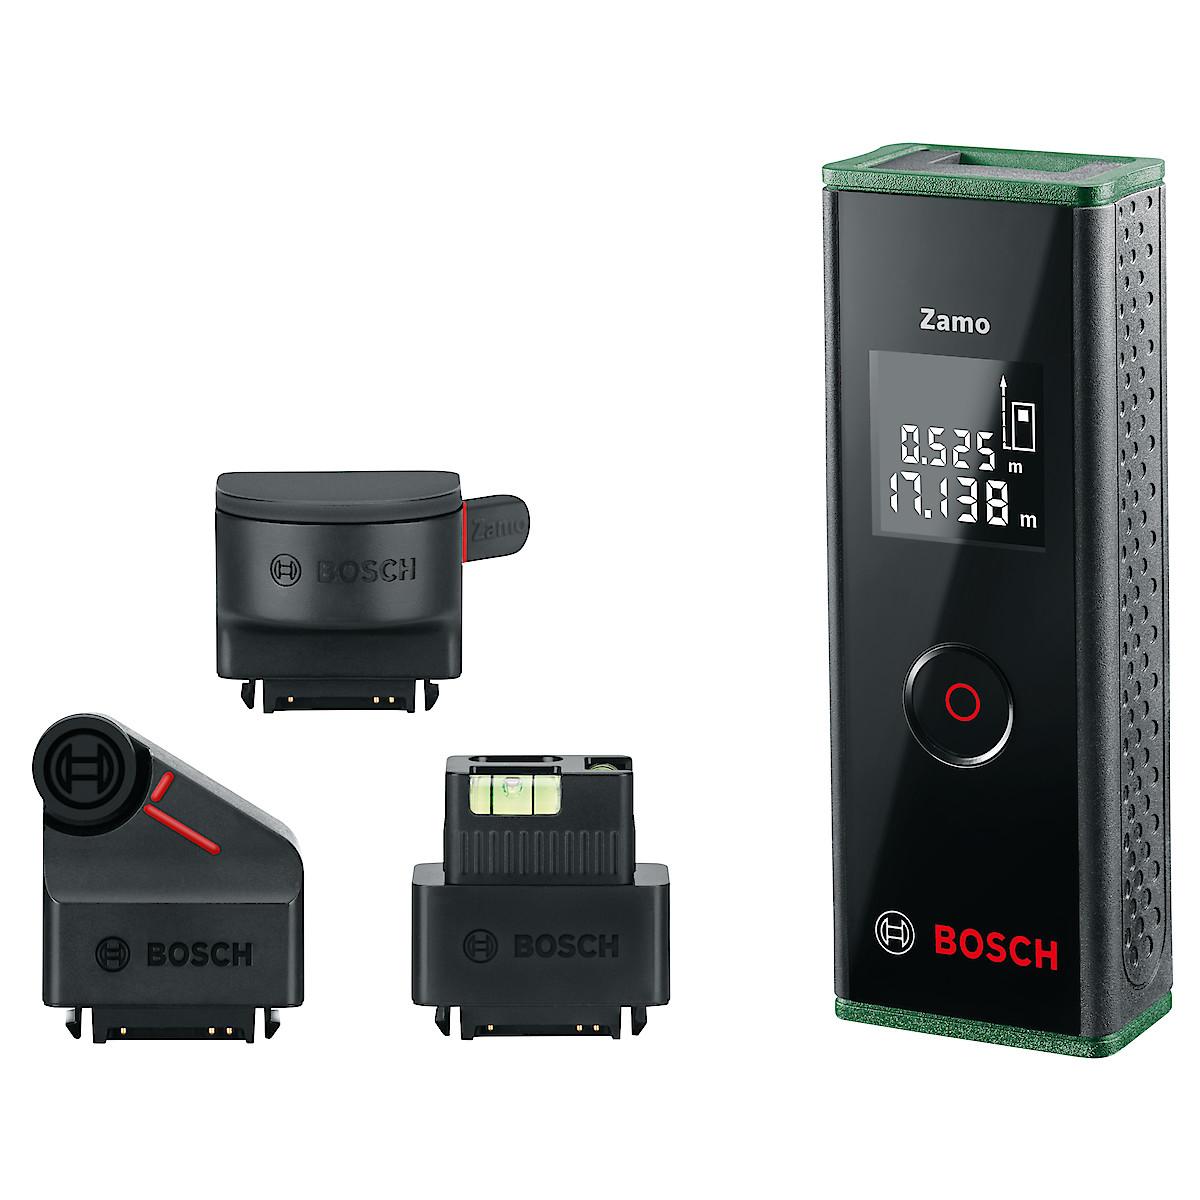 Avståndsmätare med tillbehör, Bosch Zamo III Premium